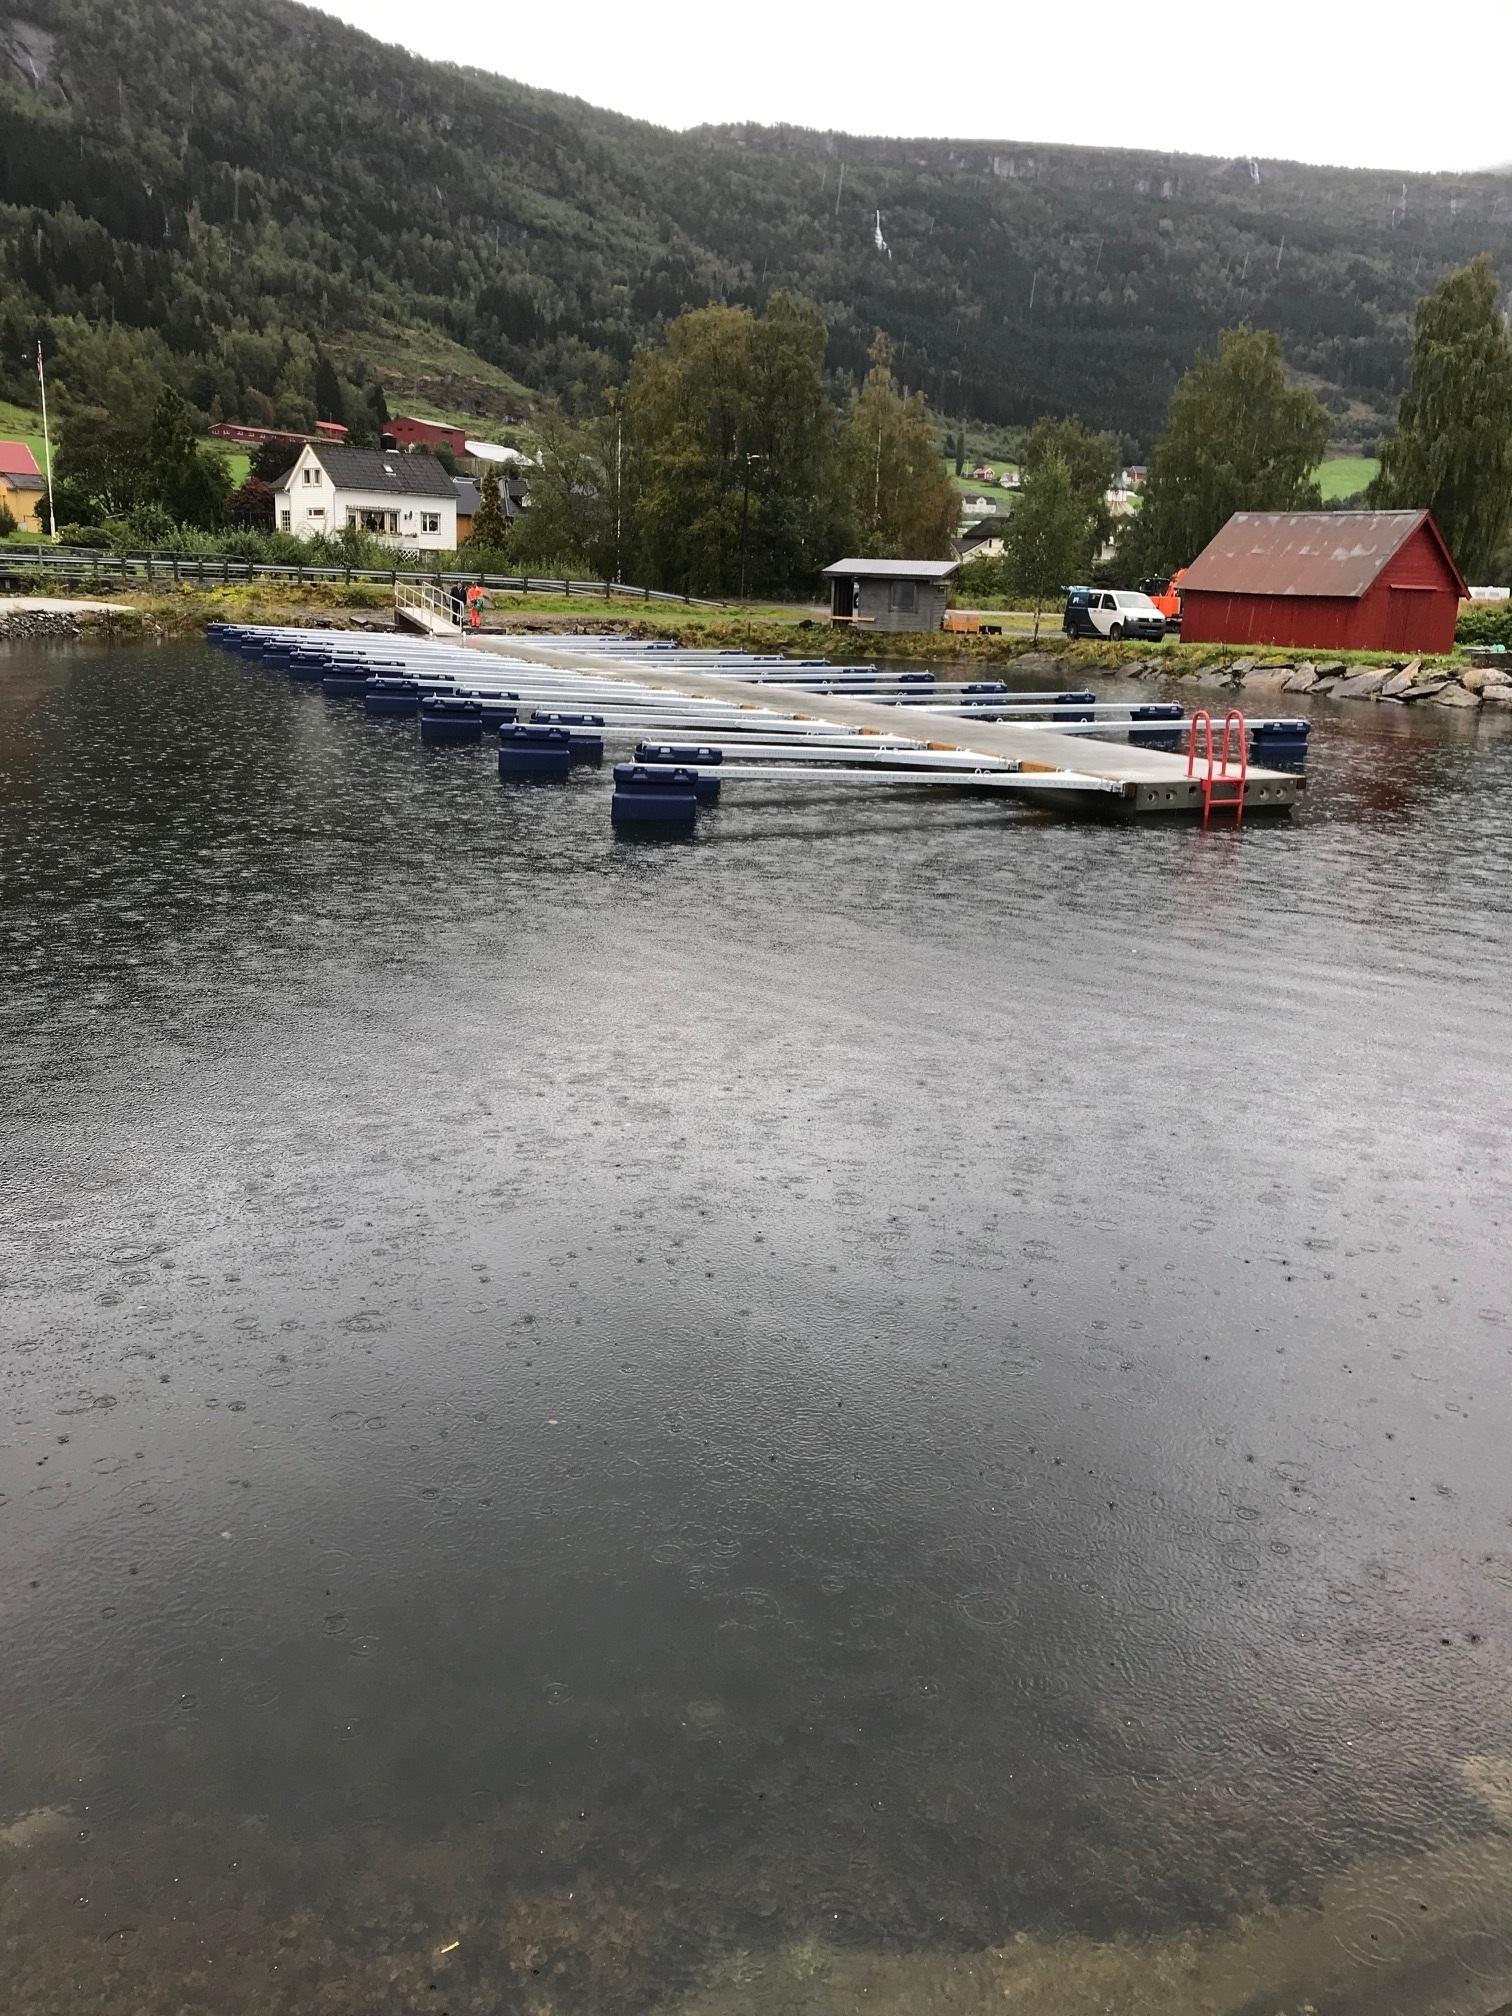 https://www.marinasolutions.no/uploads/Innvik-båtforening-småbåtsanlegg-sklisikre-utriggere-fortøyningsbommer-4.jpg